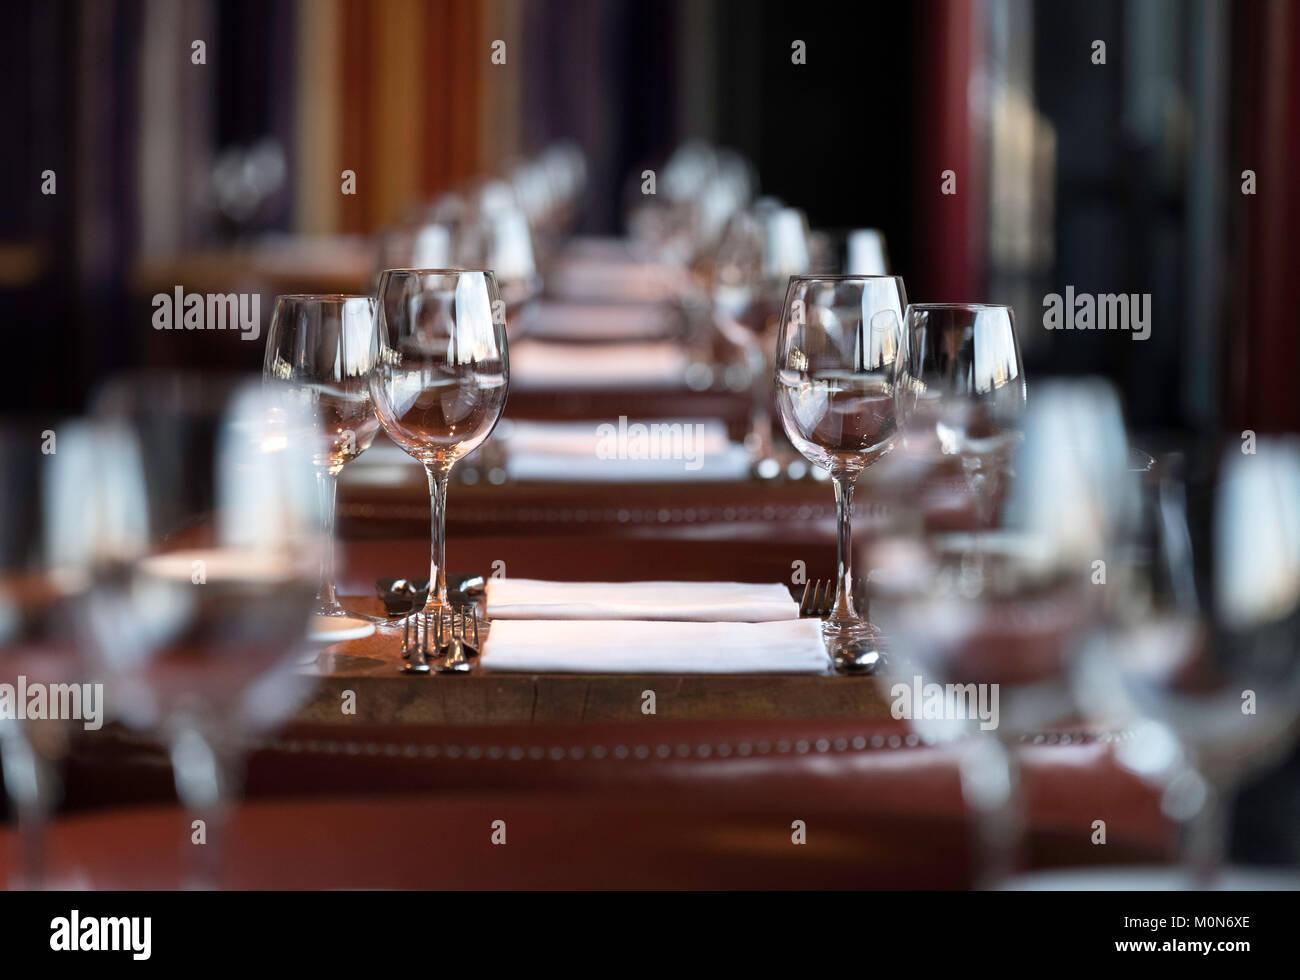 Vue de la rangée de verres à vin de tables dans un restaurant. Photo Stock